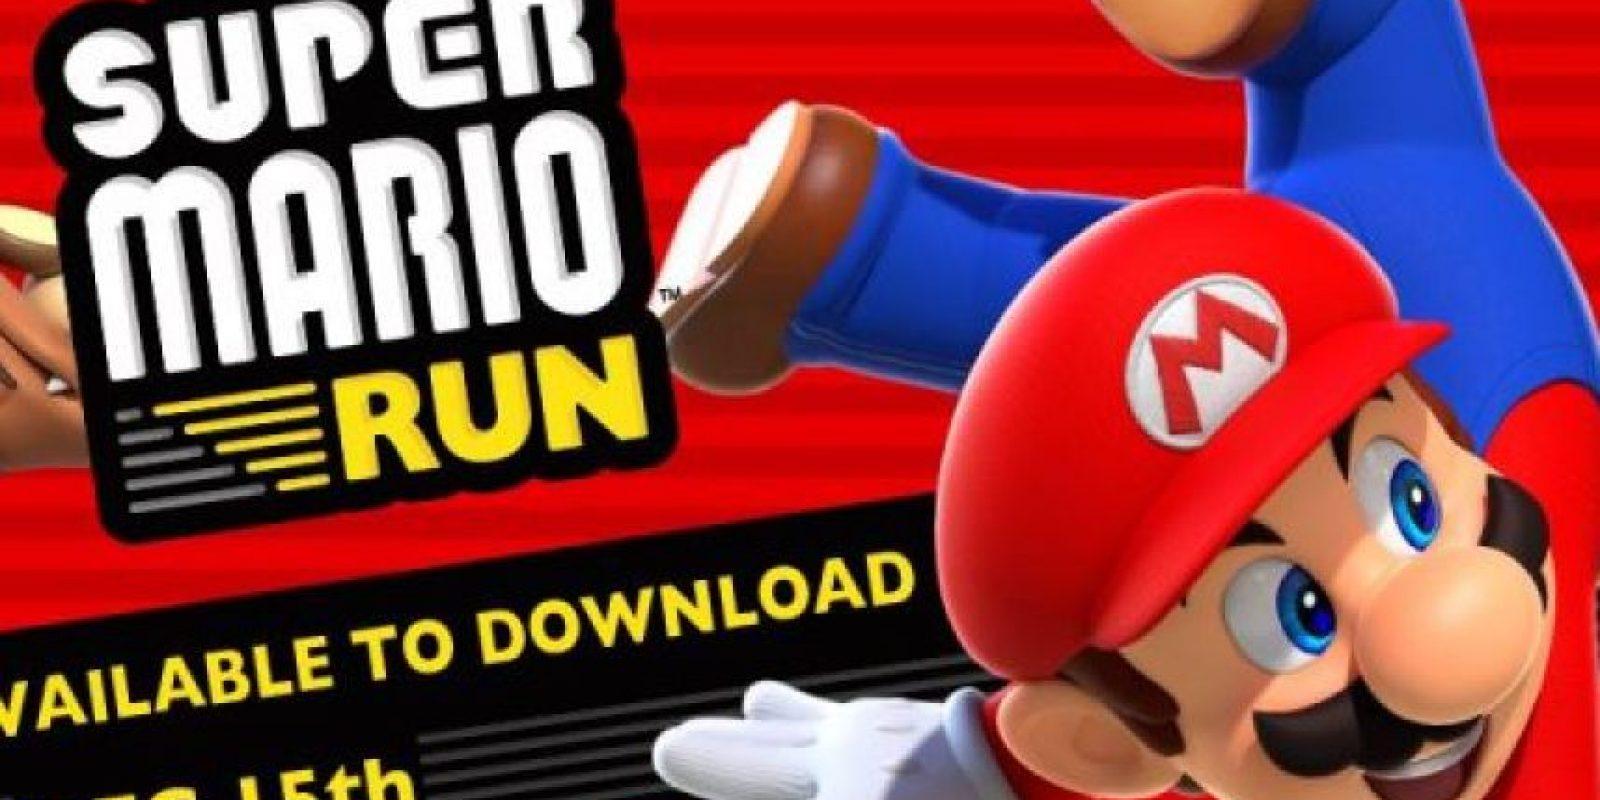 El juego fue lanzado este 15 de diciembre, pero solo en la App Store de Apple, los usuarios de Android deberán esperar. Foto:Nintendo. Imagen Por: